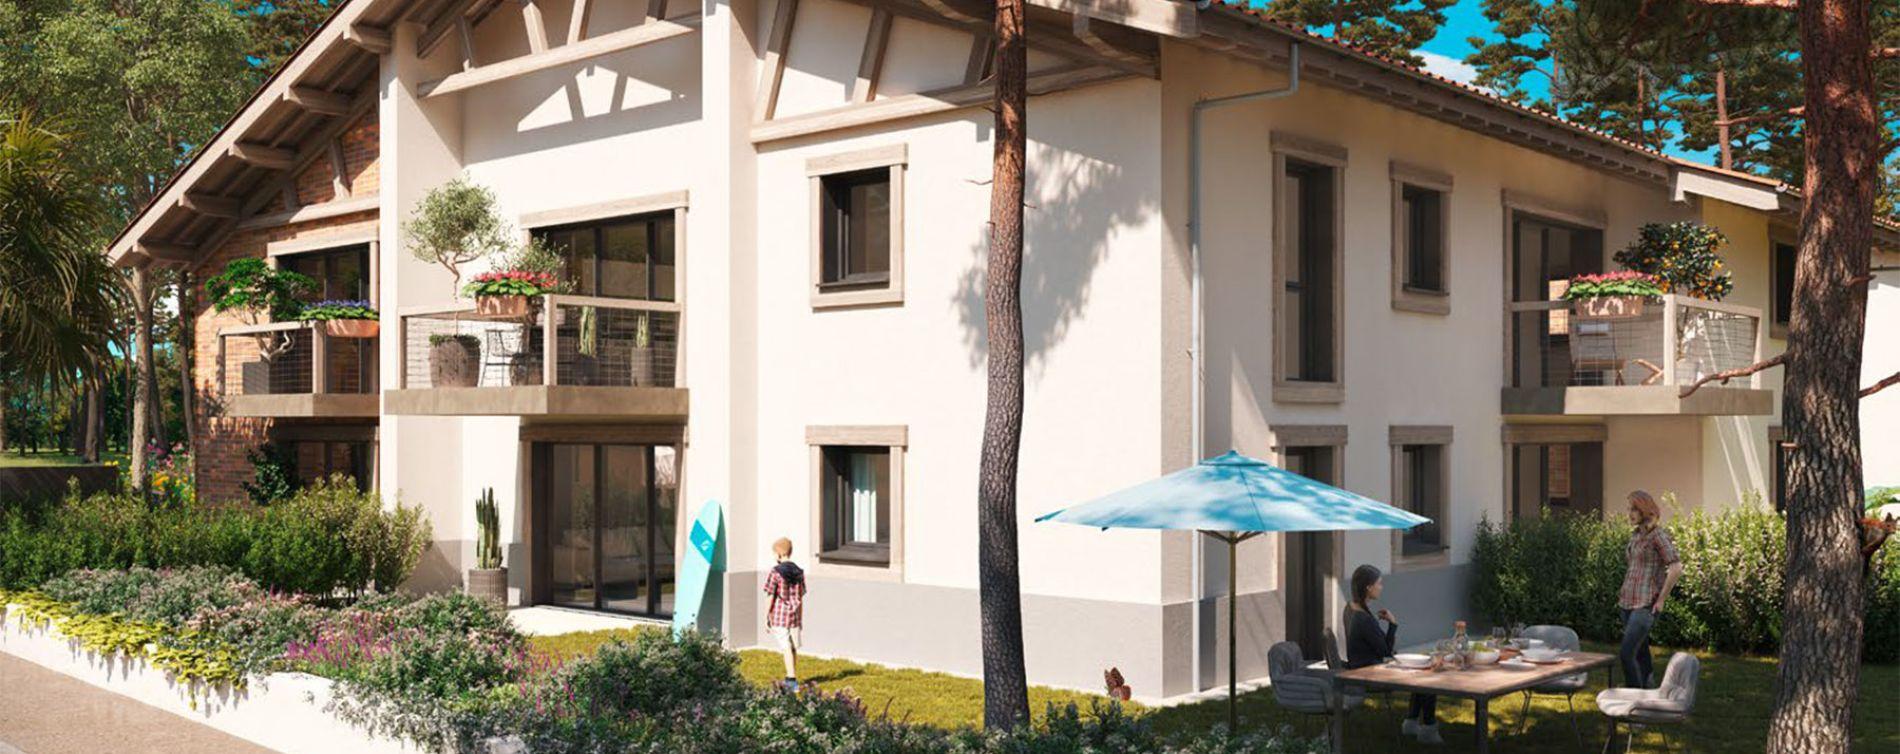 Résidence Villa Losa à Biscarrosse